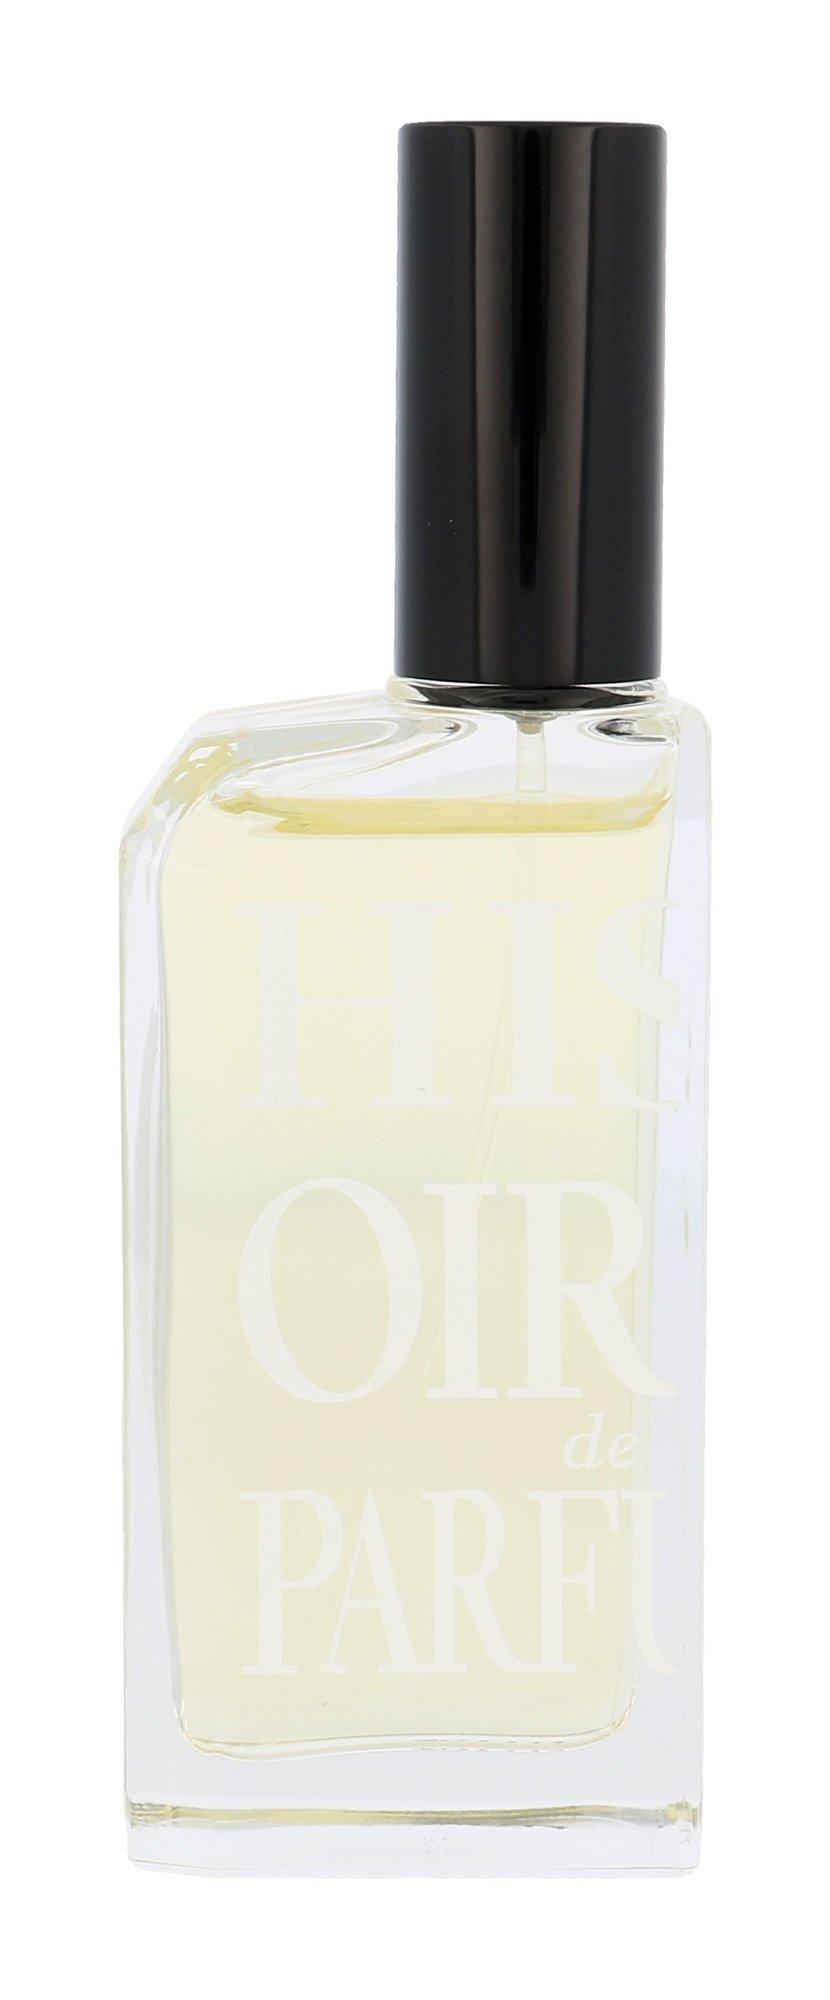 Histoires de Parfums Blanc Violette EDP 60ml